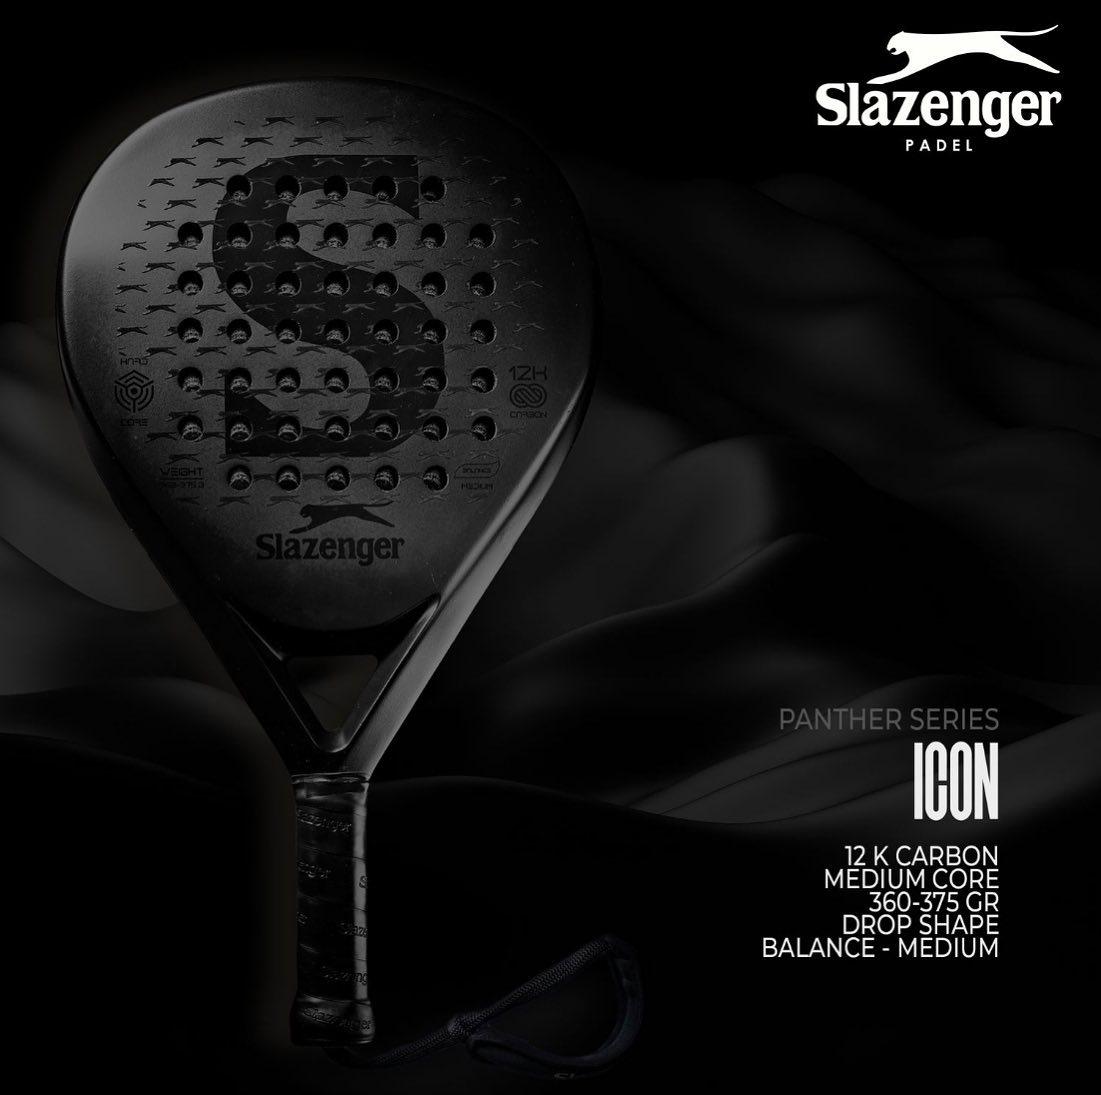 Slazenger padel 2021 Panther Series